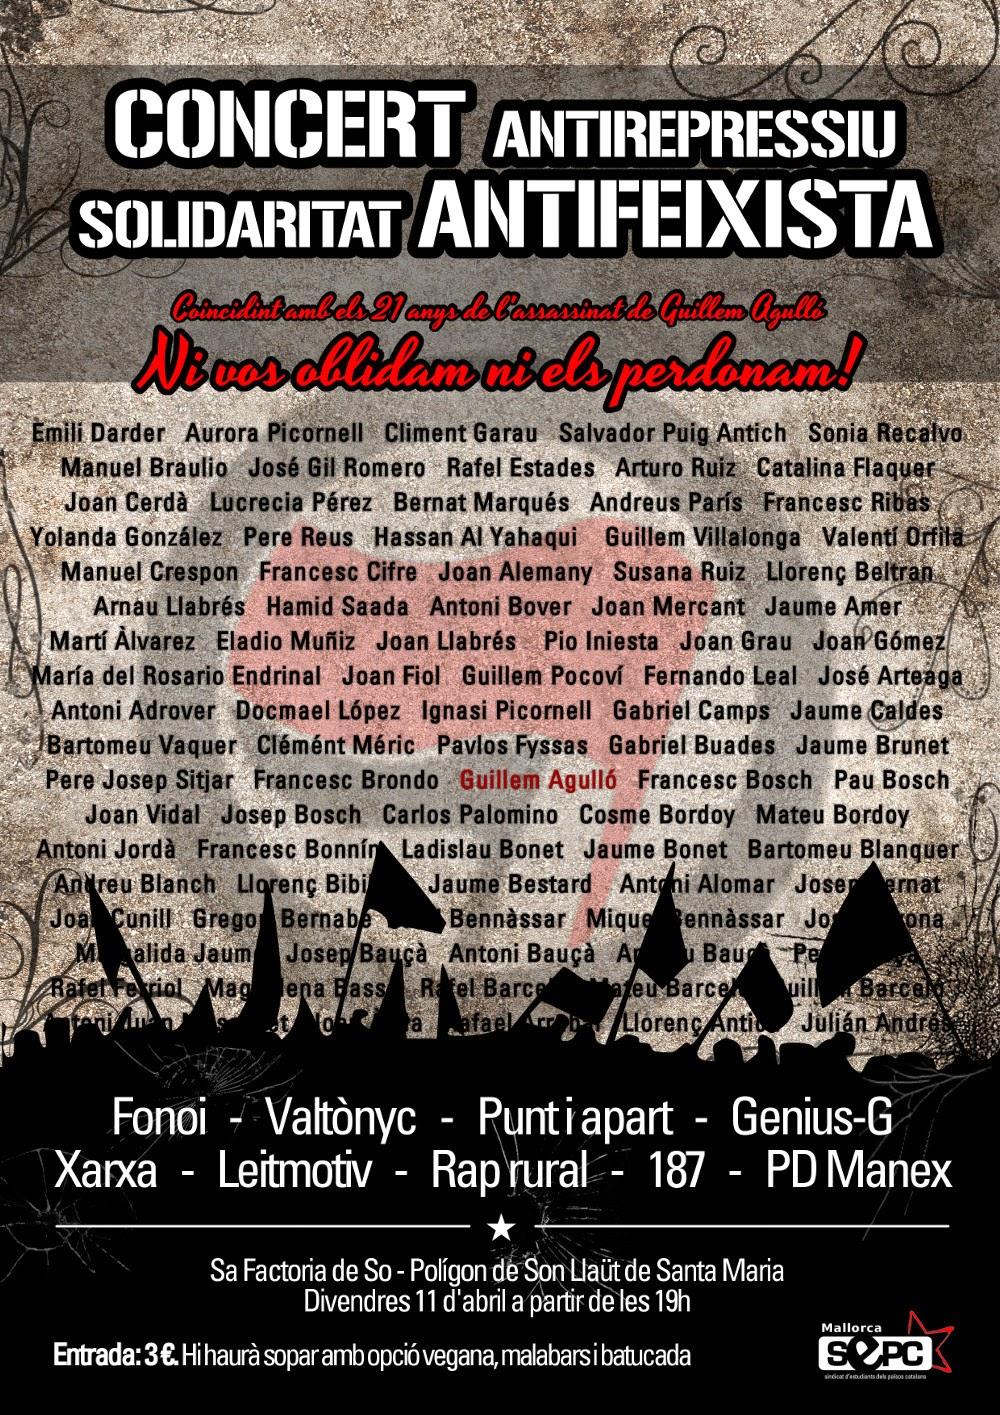 Concert per la solidaritat antifeixista (11-04-14)